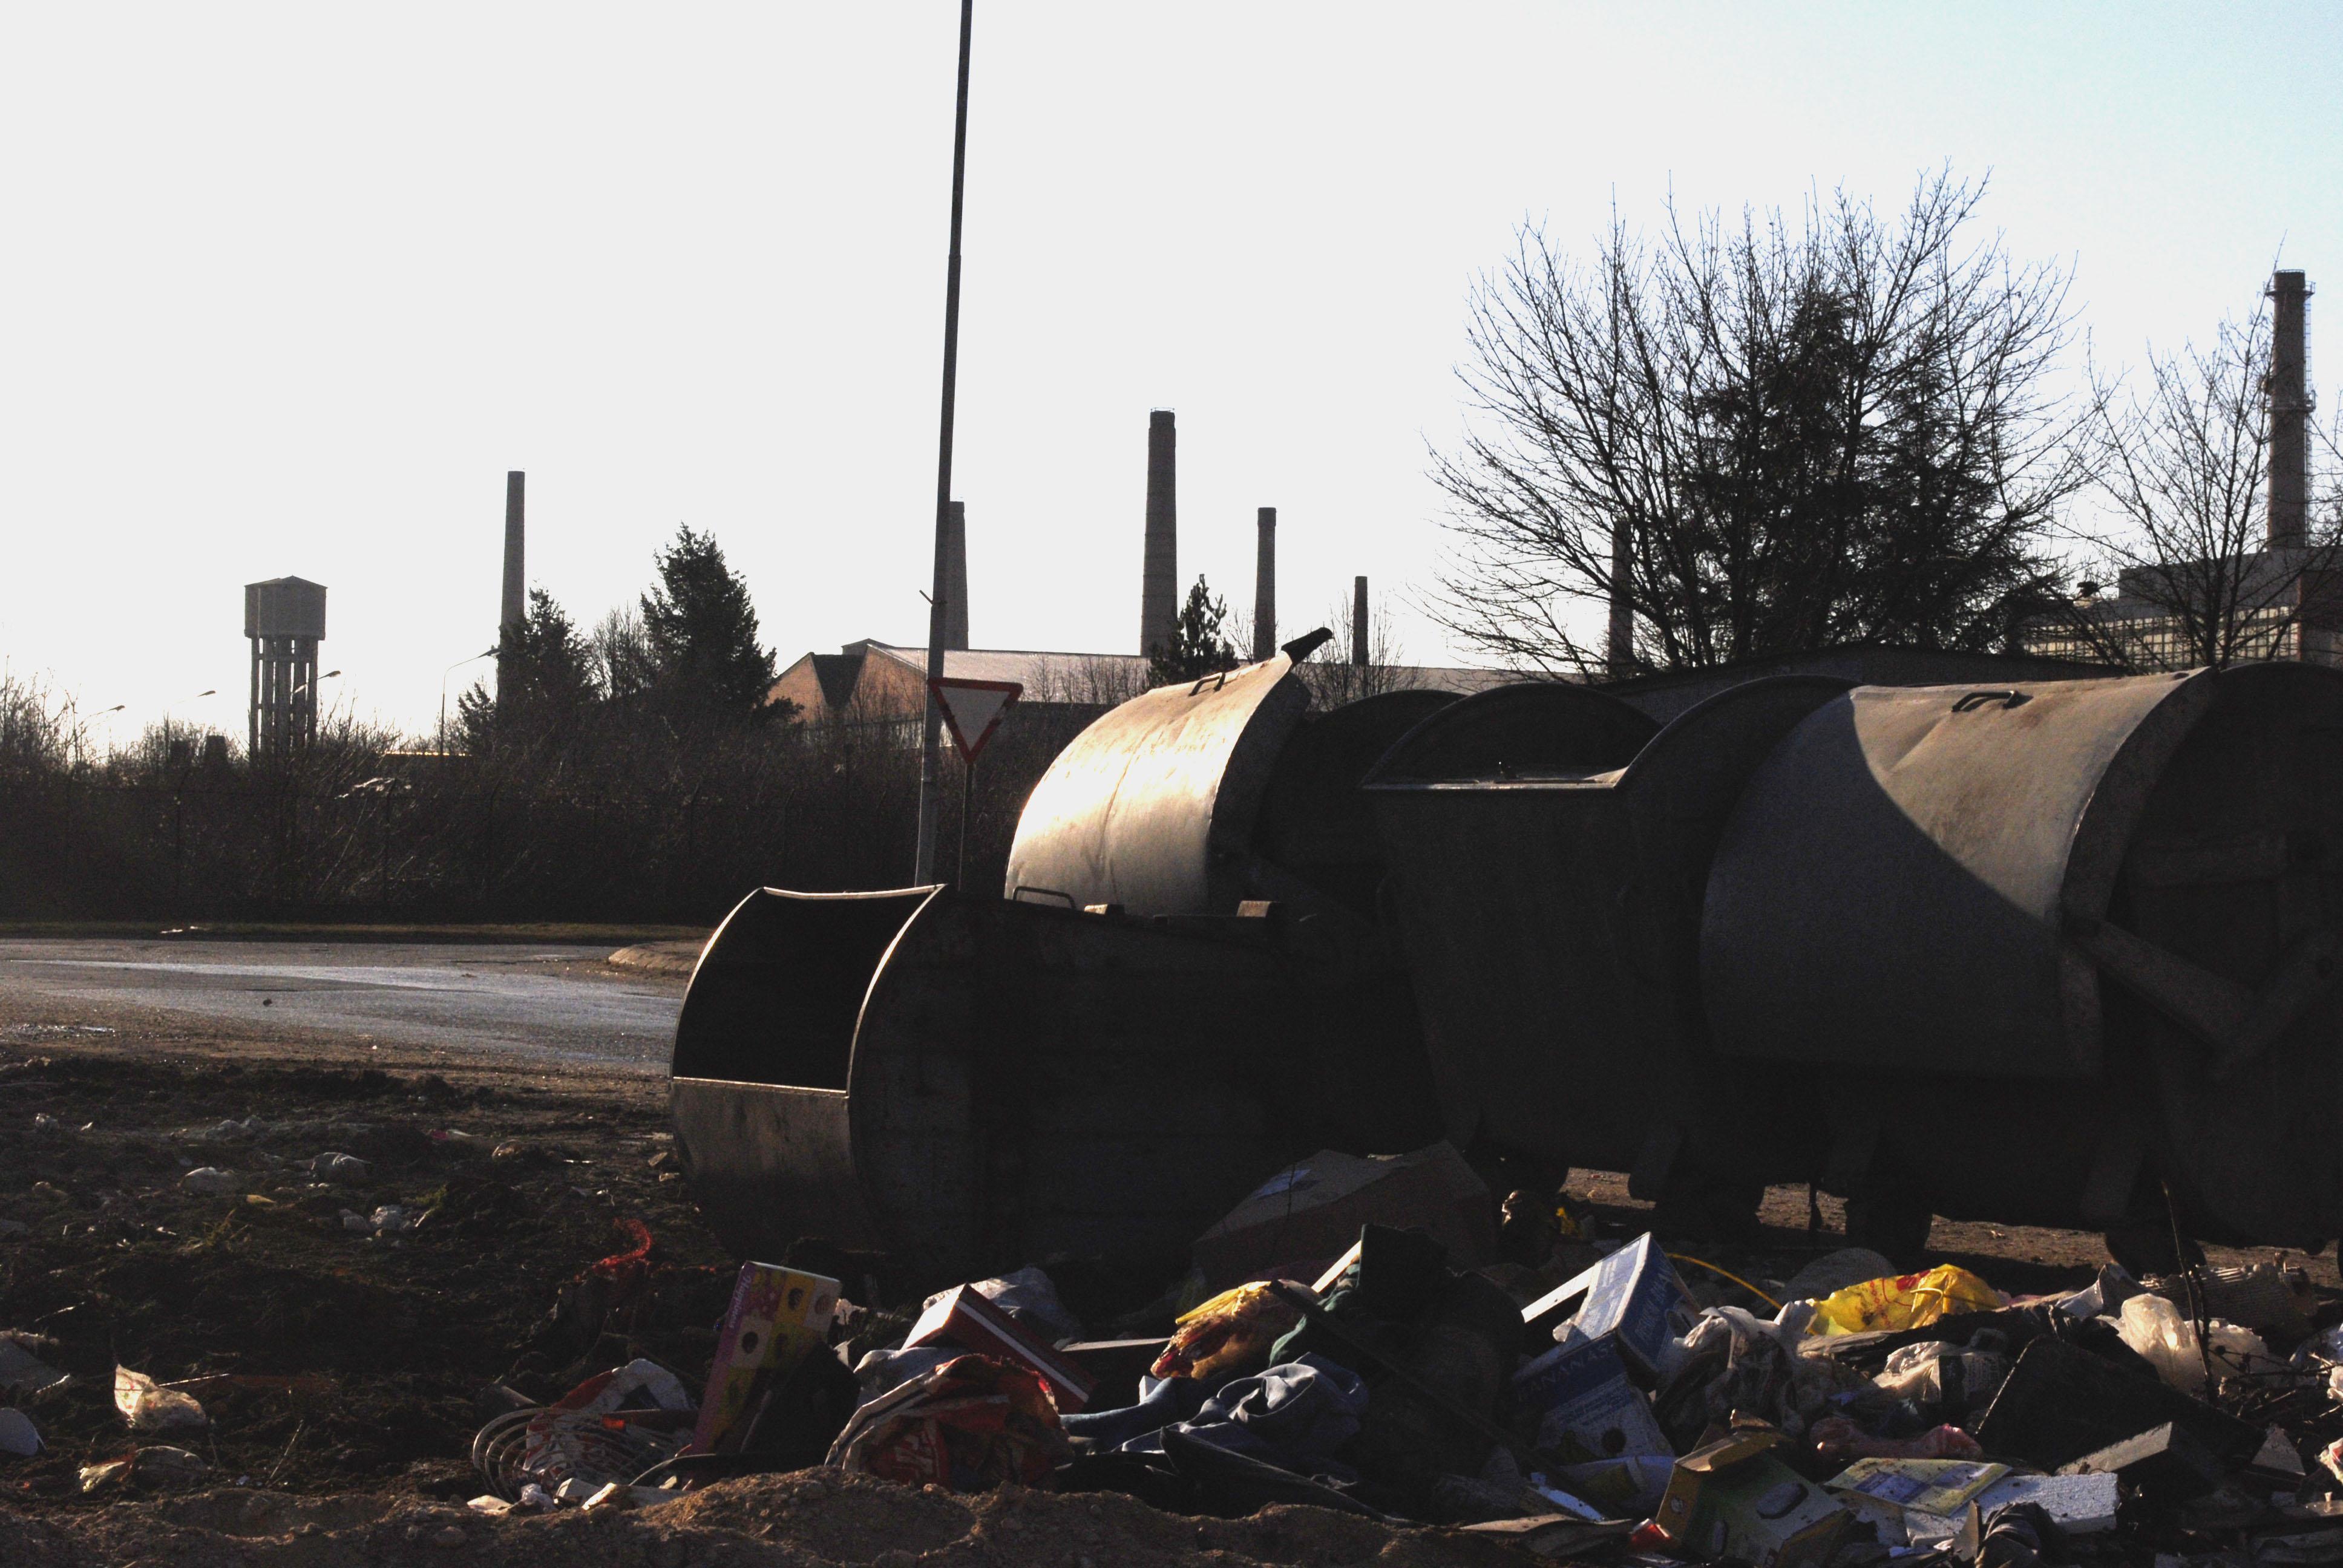 A Pančevo, le degré de pollution des sols n'a pas fait l'objet de résultats d'analyses précises, même si le nombre de prélèvements a considérablement augmenté l'an dernier. Crédit : A. Meslard.